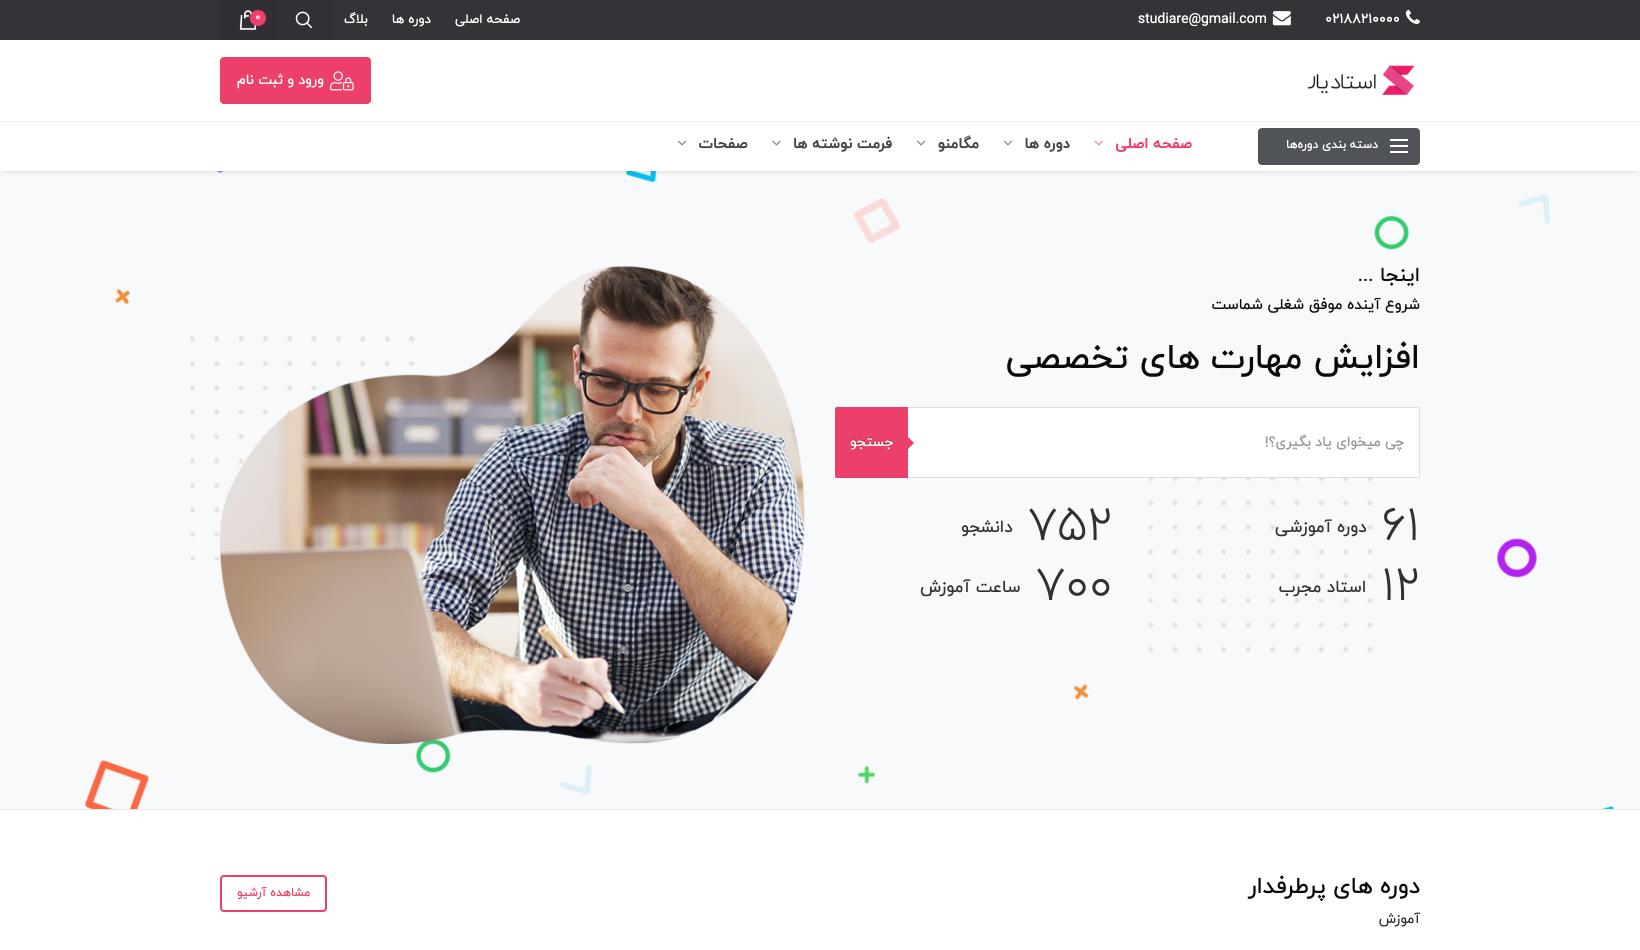 قالب فروش آموزش استادیار | Studiar Wordpress Theme 2